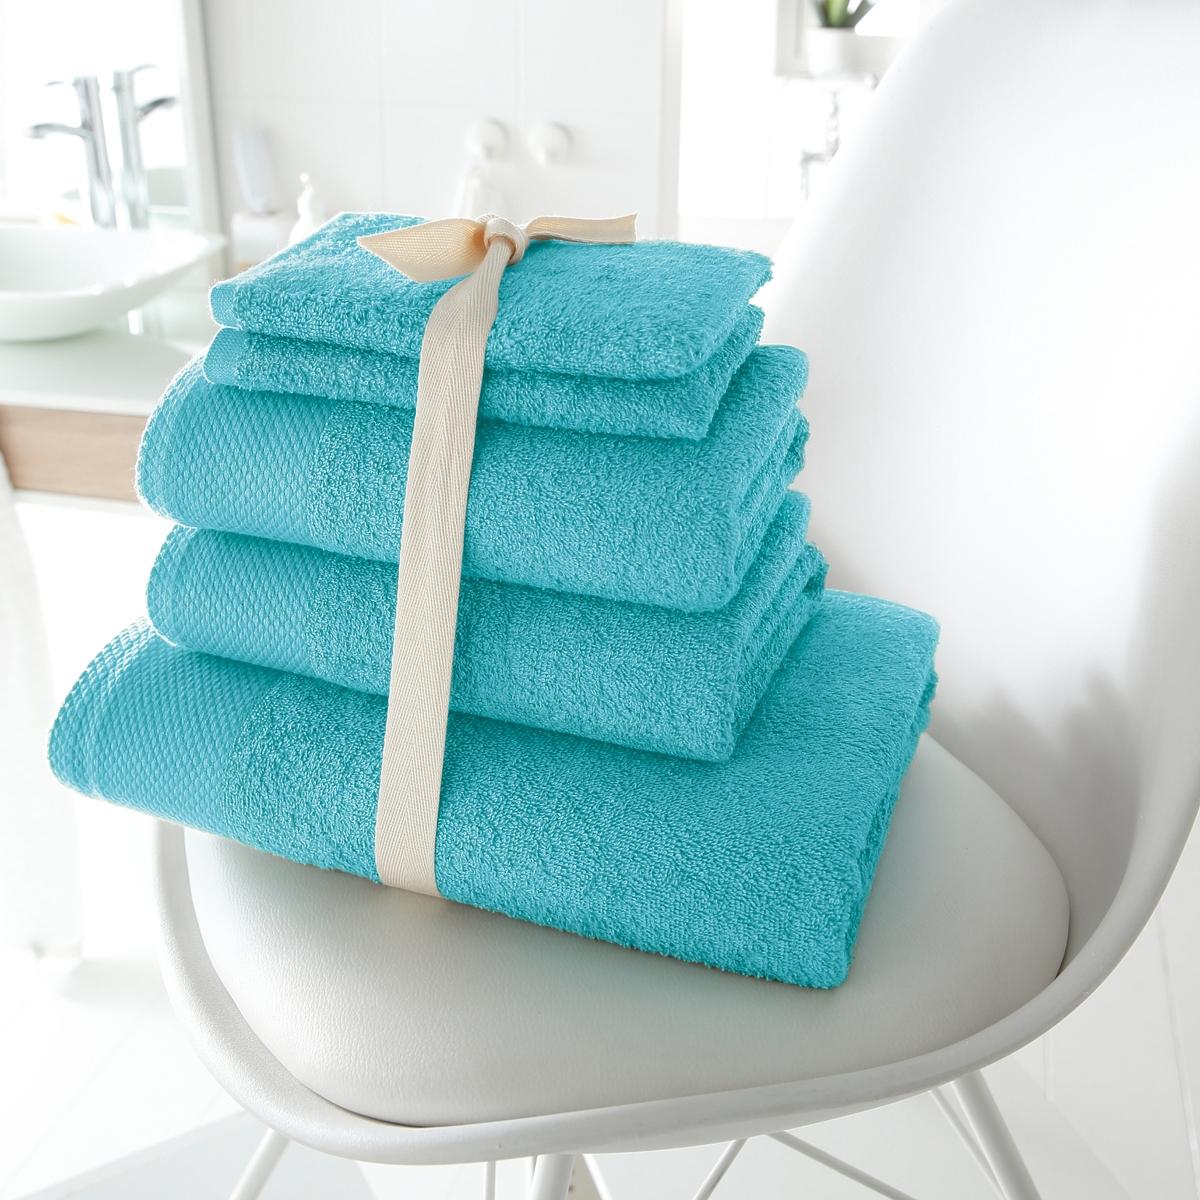 Комплект для ванной, 420 г/м?Махровая ткань, 100% хлопка, 420 г/м?. Стирка при 60°. 1 банное полотенце 70 х 140 см + 2 полотенца 50 х 100 см + 2 банные рукавички 15 х 21 см.<br><br>Цвет: голубой бирюзовый<br>Размер: единый размер